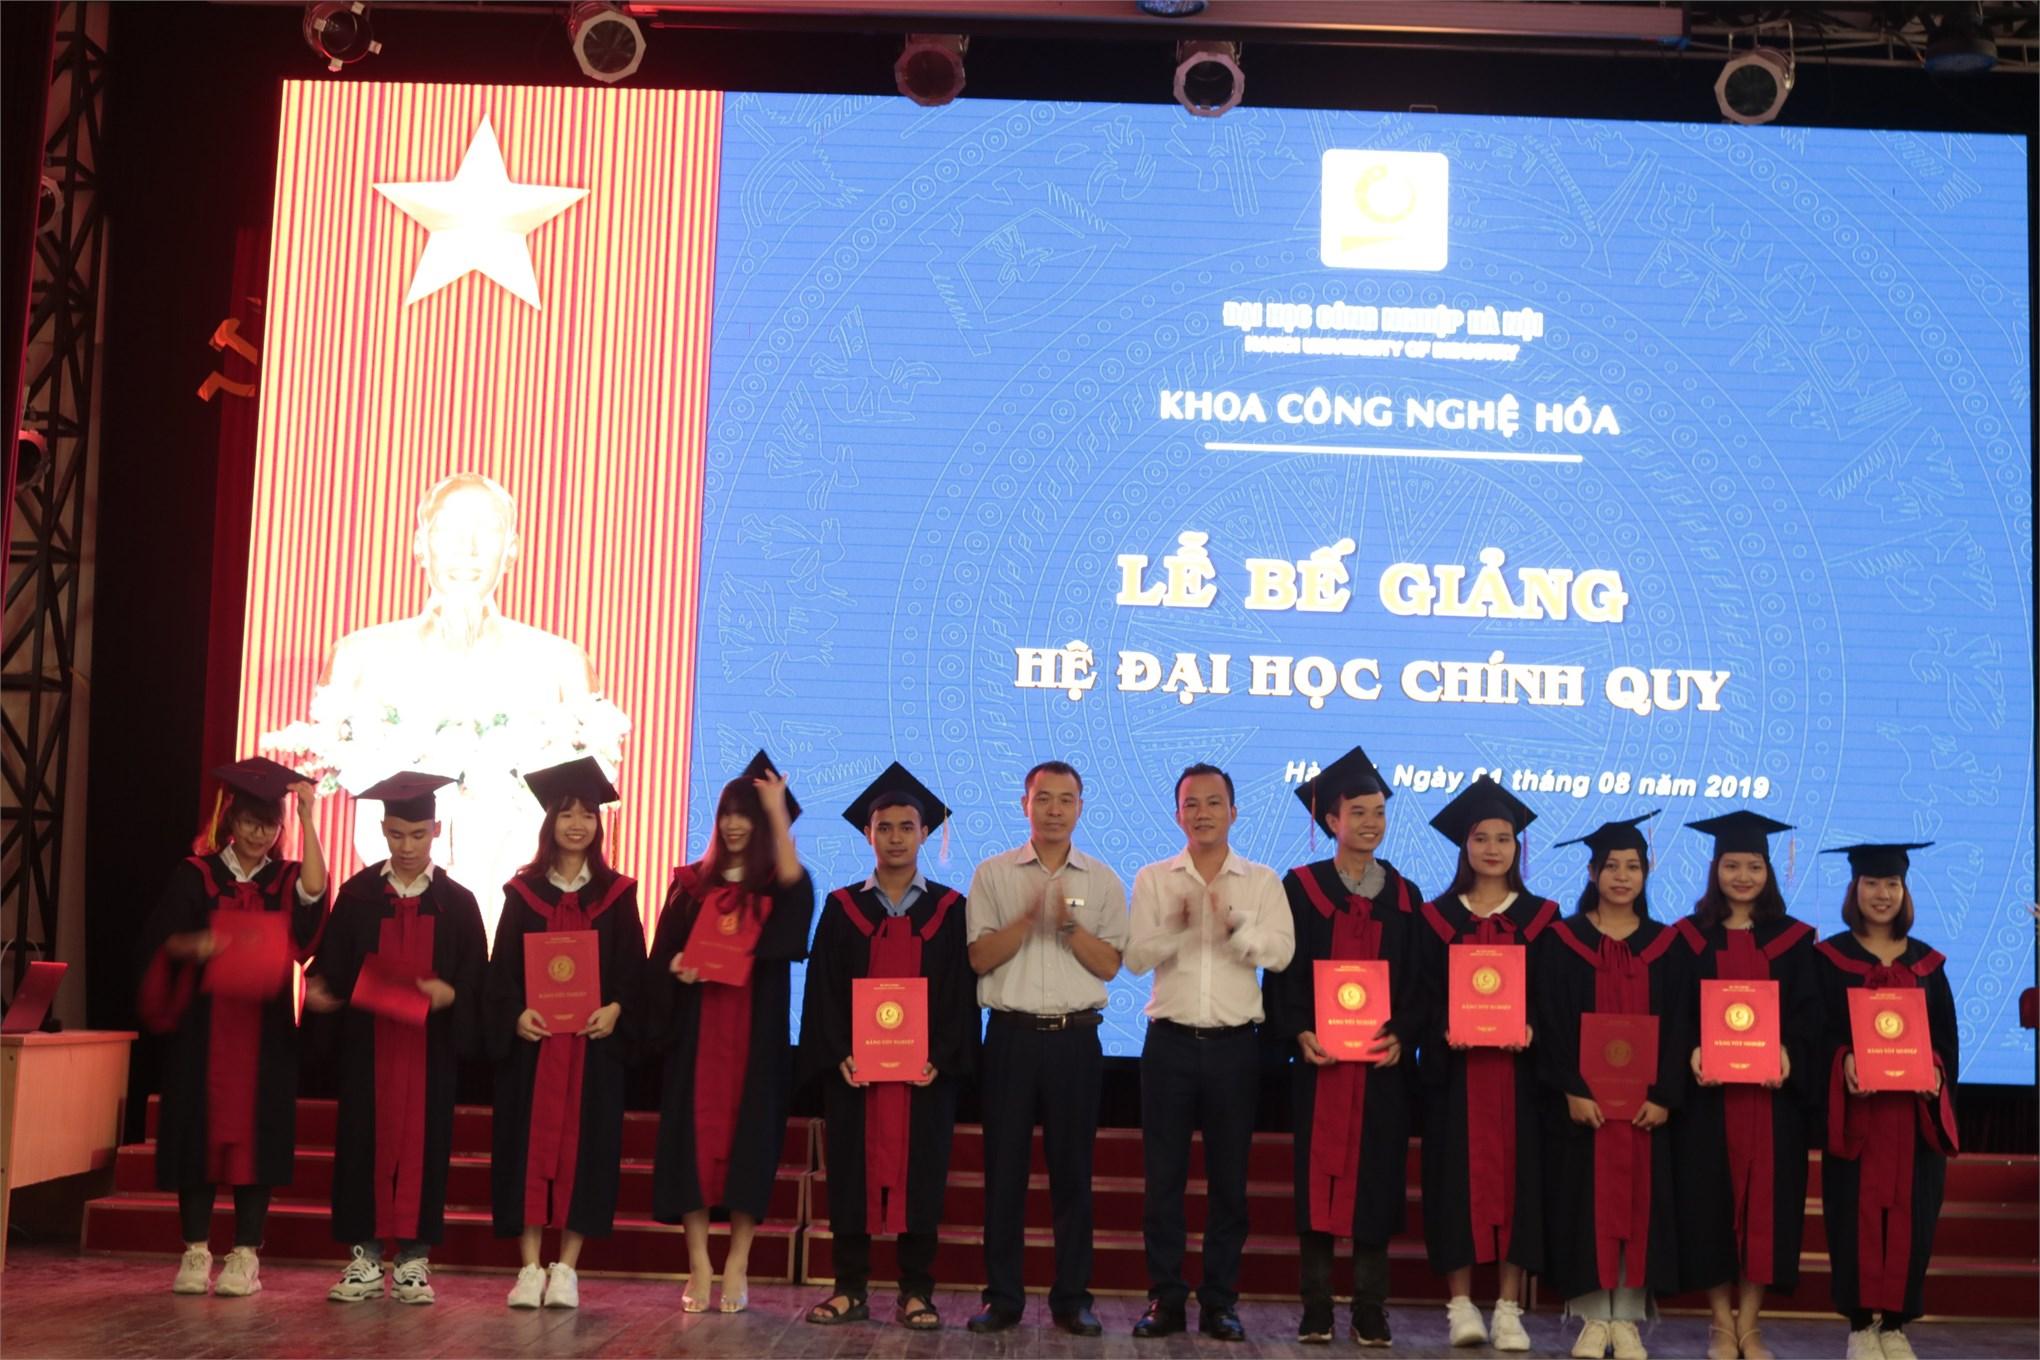 Lễ bế giảng Đại học chính qui khóa 10 Khoa Công nghệ hóa